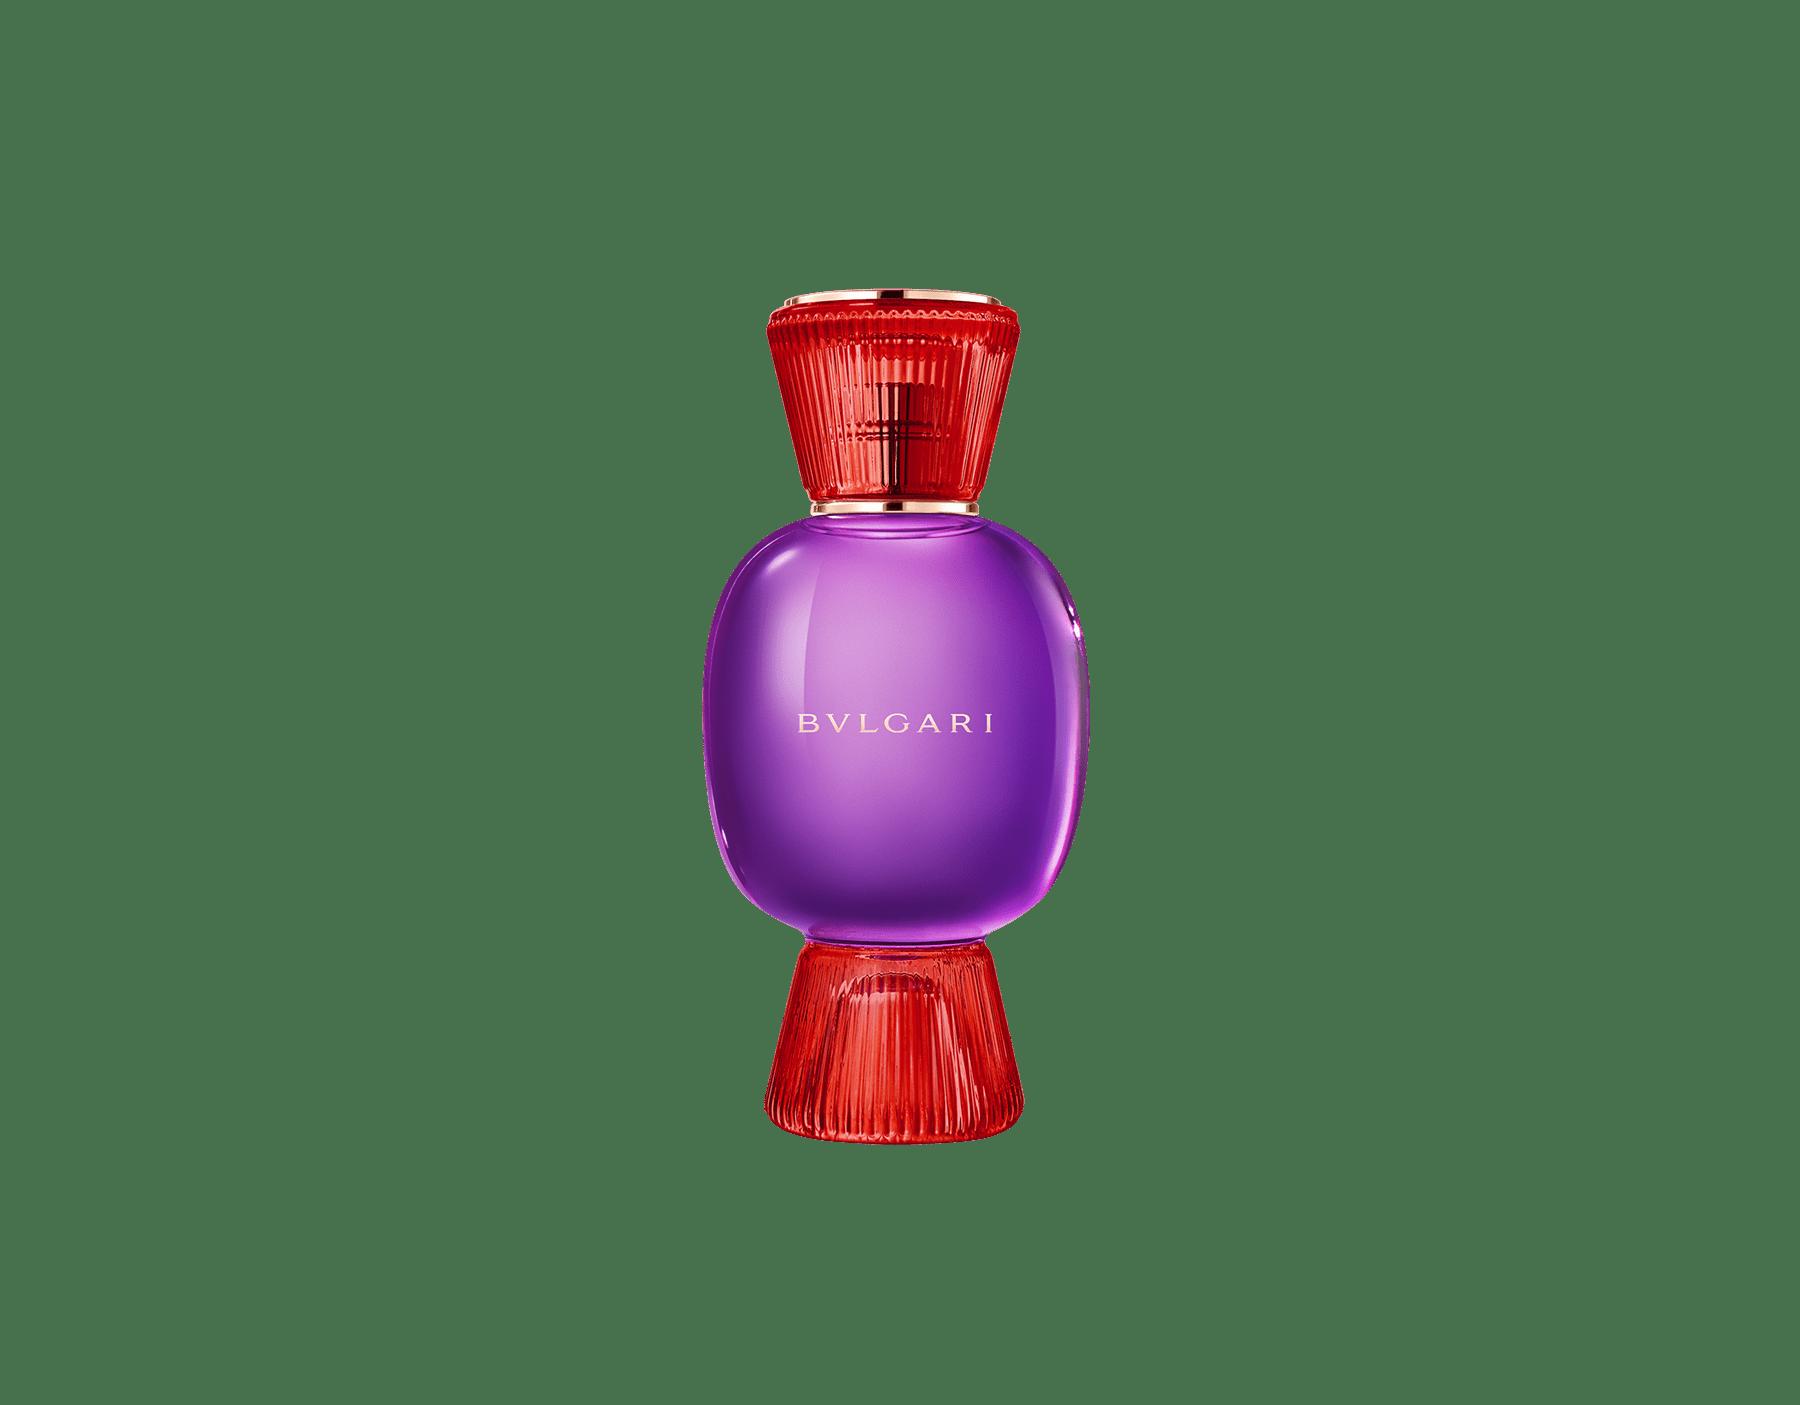 Un coffret de parfums exclusif, aussi unique et audacieux que vous. Chyprée et festive, l'Eau de Parfum Allegra Fantasia Veneta se mêle à l'intensité voluptueuse et veloutée de l'essence du Magnifying Rose pour donner vie à une irrésistible fragrance personnalisée. Perfume-Set-Fantasia-Veneta-Eau-de-Parfum-and-Rose-Magnifying image 2